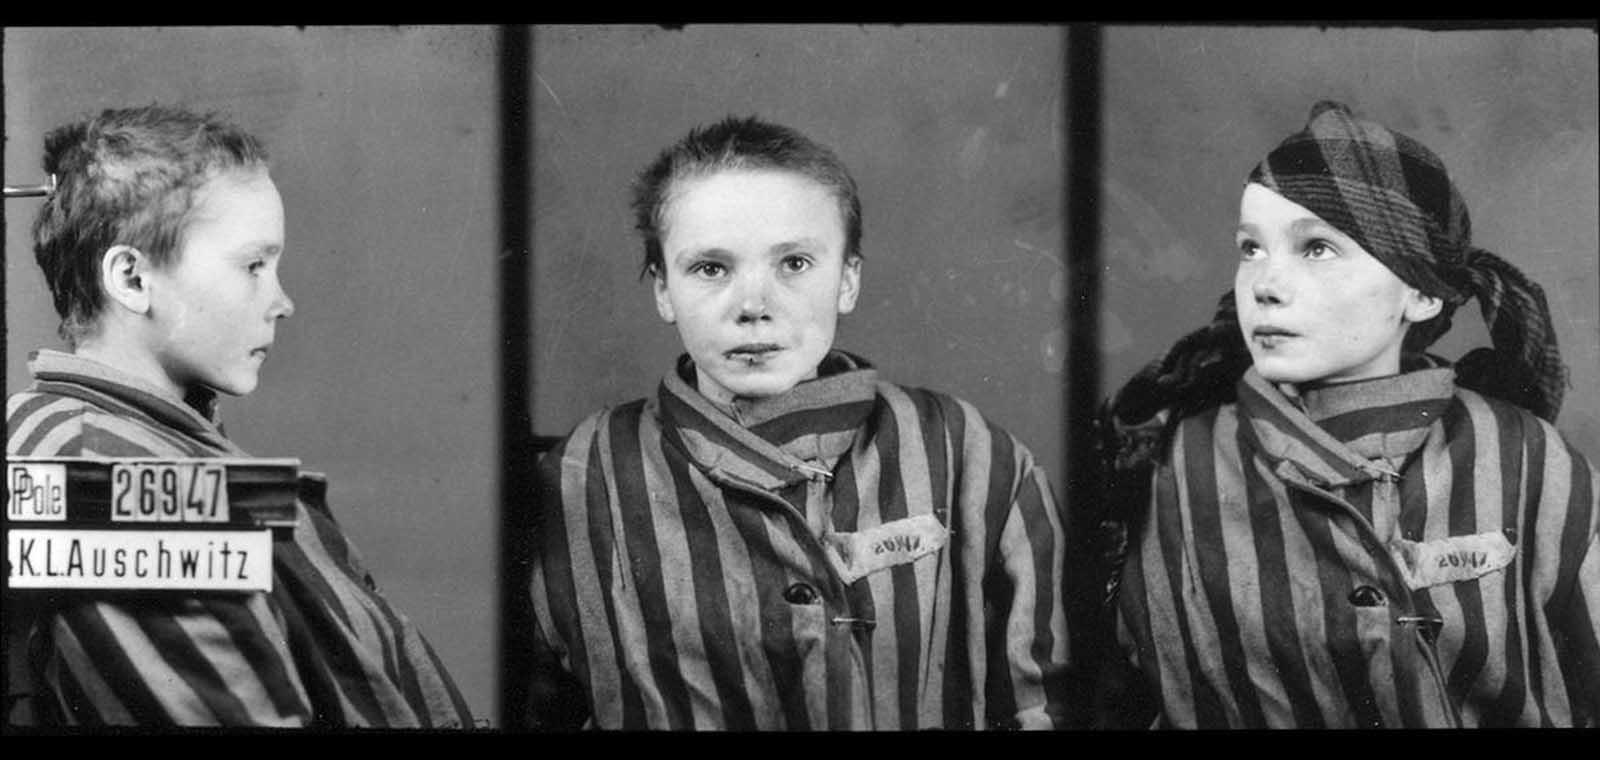 """14-годишната Чеслава Квока е едно от хилядите деца, изживели края на краткия си живот в концентрационен лагер. Тя се появява на идентификационни снимки в архиви на музея на Аушвиц. Цялата история на Чеслава и други деца, изгубили живота си по време на Холокоста, може да прочетете тук: <a href=""""https://www.vesti.bg/lyubopitno/istoriata-pomni/detskite-zhivoti-i-nadezhdi-pogubeni-v-aushvic-i-ne-samo-6069992"""">Детските животи и надежди, погубени в Аушвиц и не само</a>"""